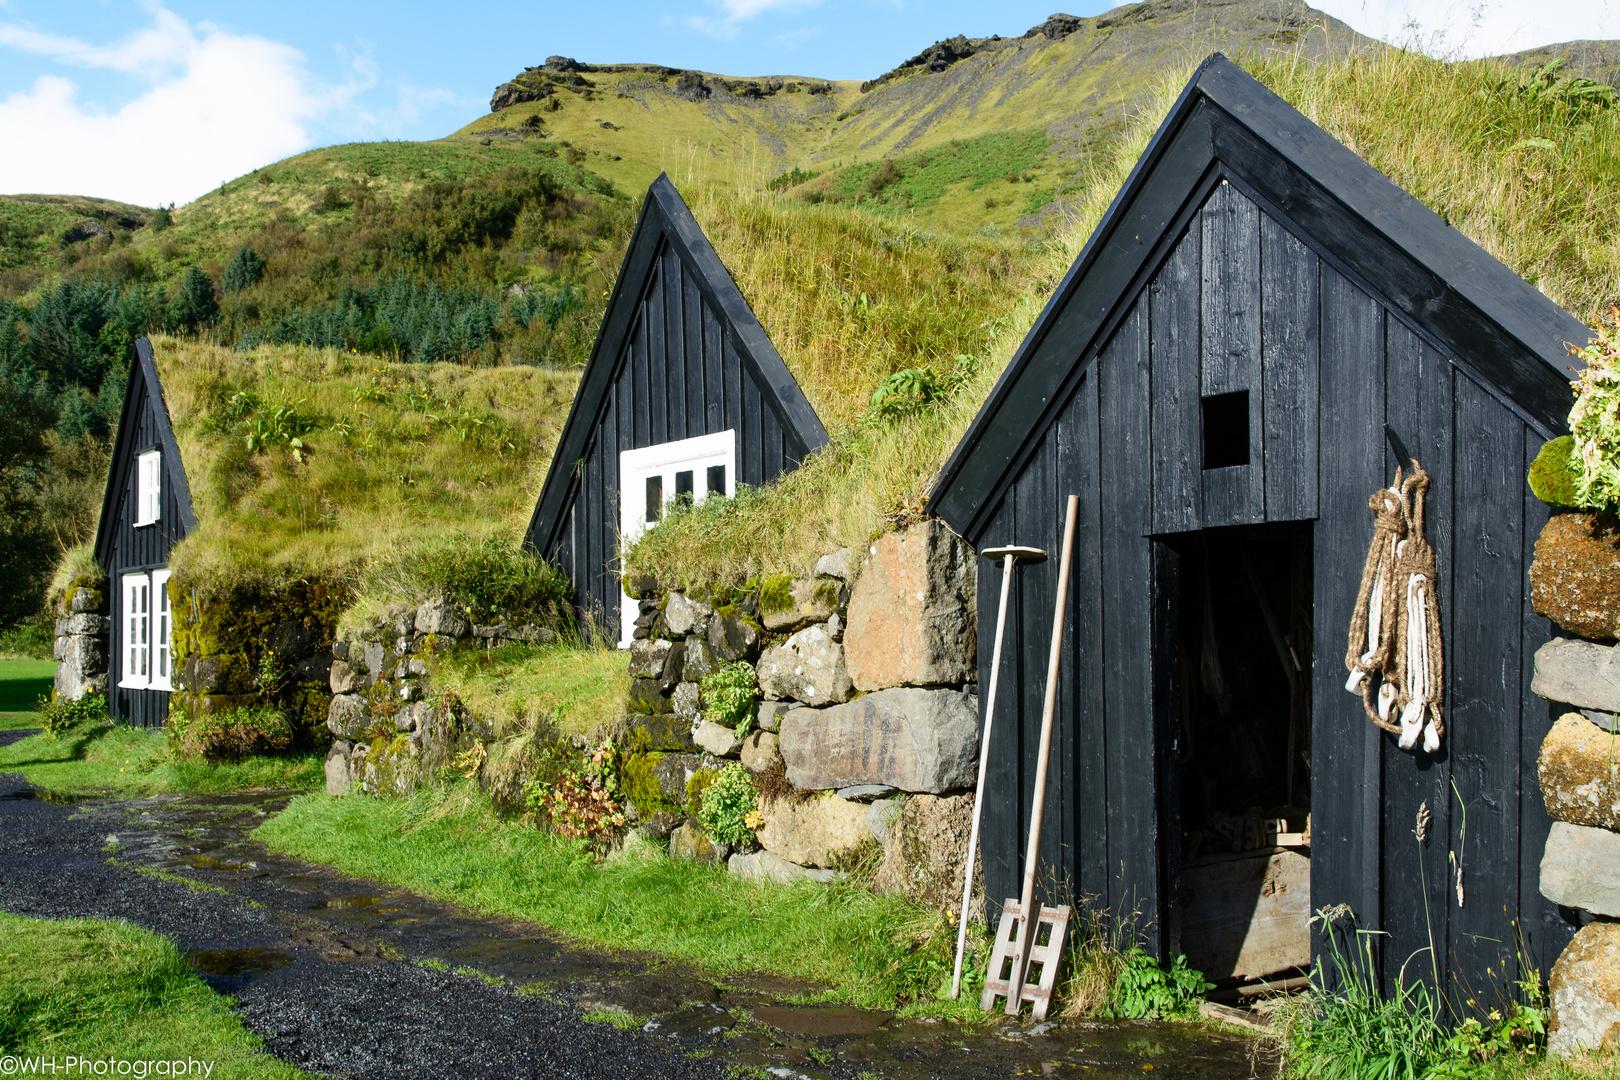 Freilicht- und Heimatmuseum: Byggðasafnið að Skógum